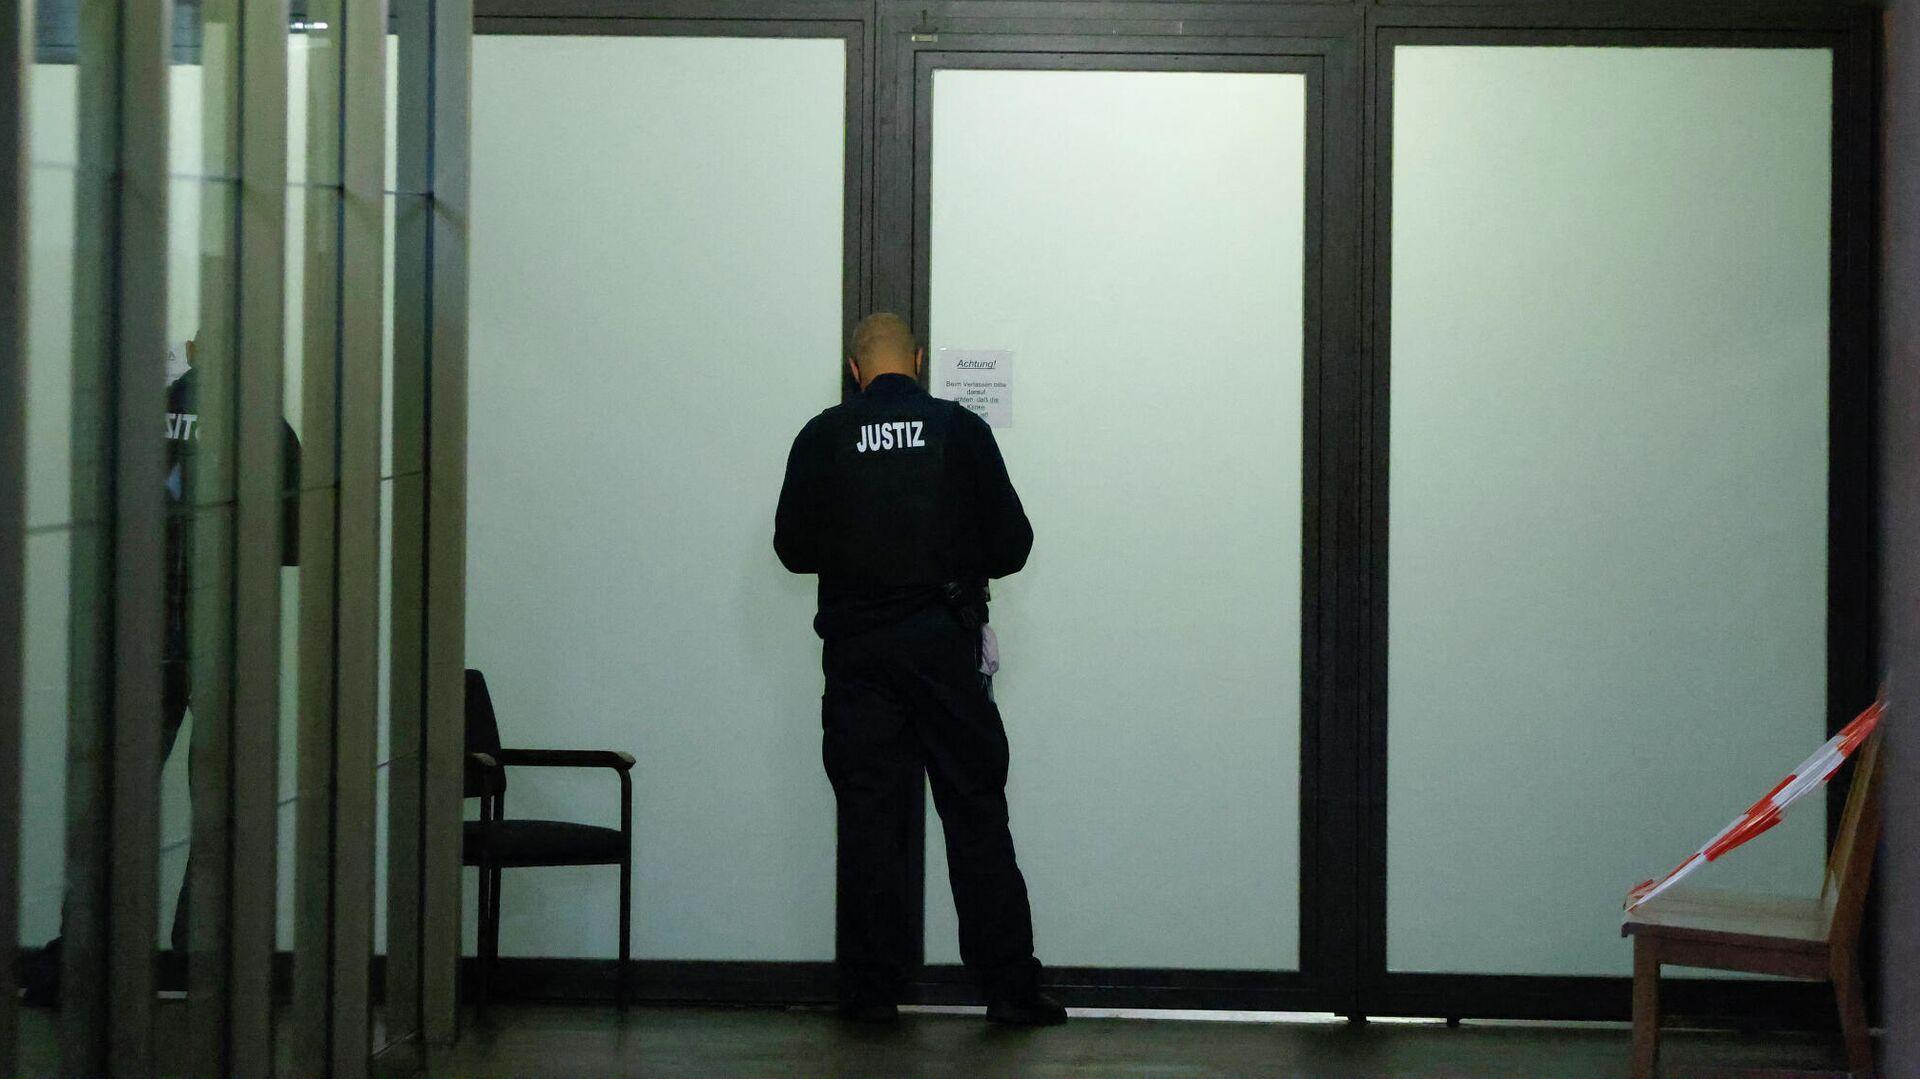 Агент на доверии: Христо Грозева сдали украинские подельники